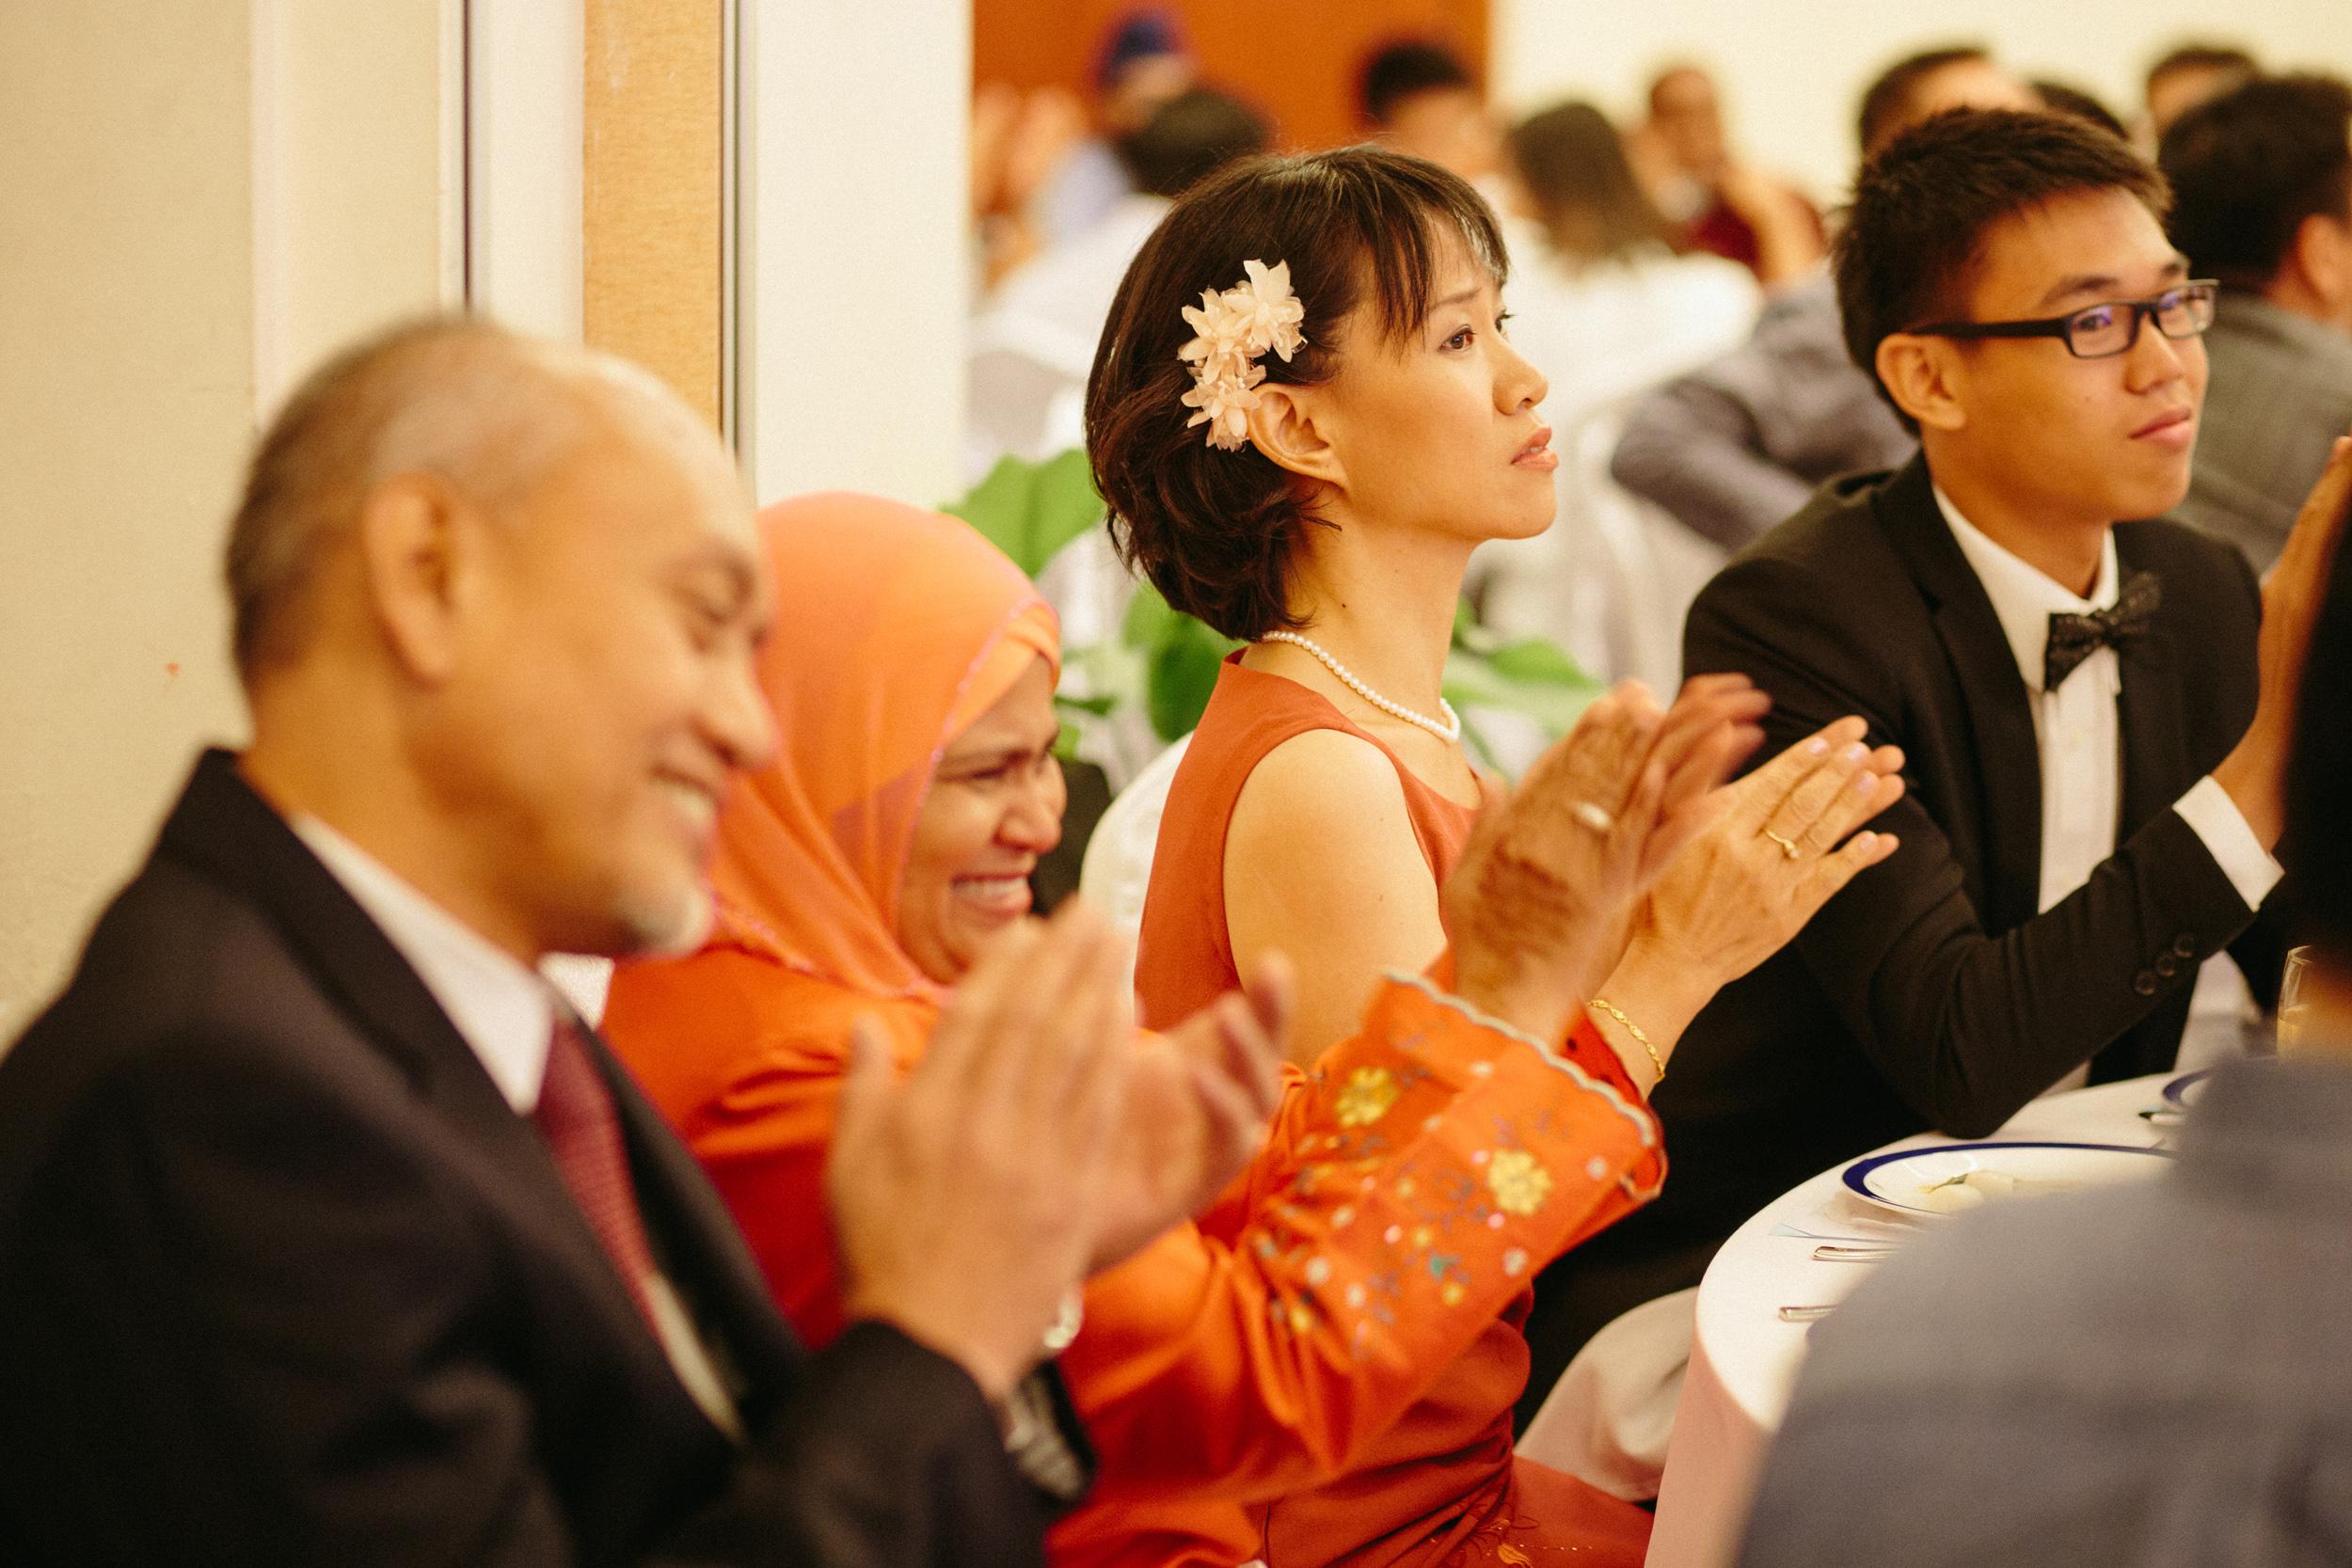 singapore-wedding-photographer-wemadethese-shikin-yanho-069.jpg